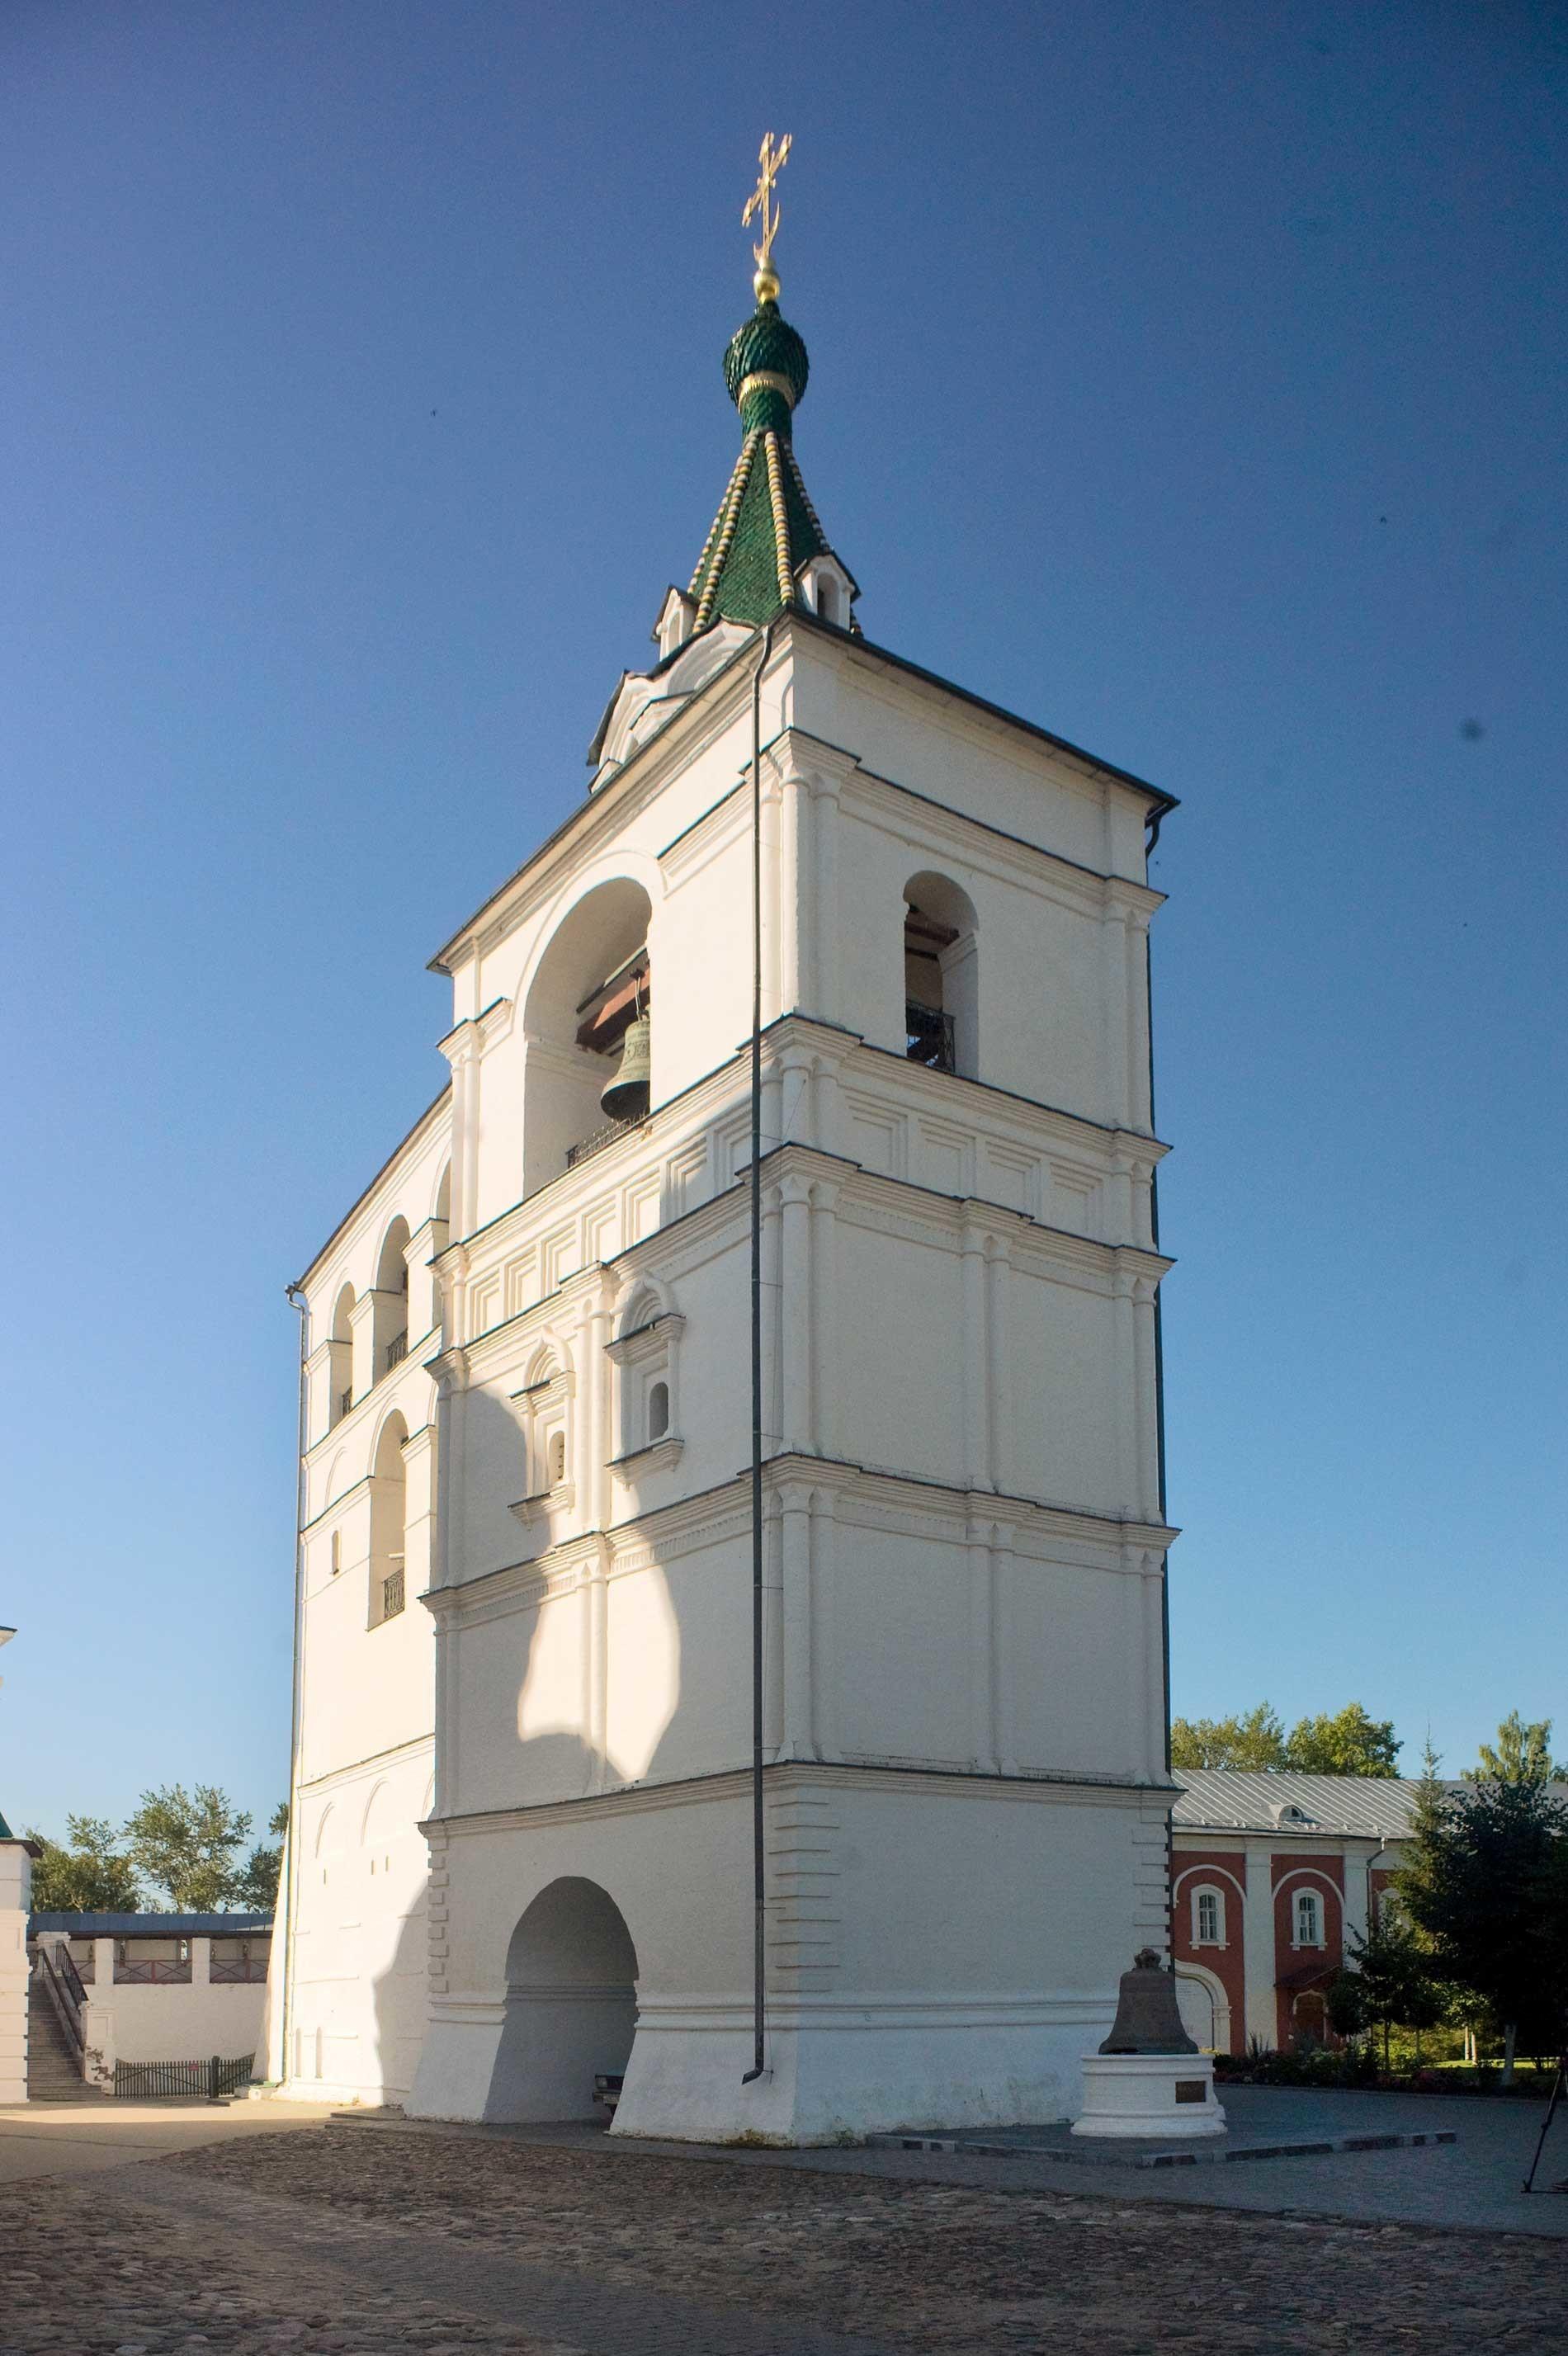 Ипатјевски манастир Свете Тројице. Звоник храма са северноисточне стране. 13. август 2017.